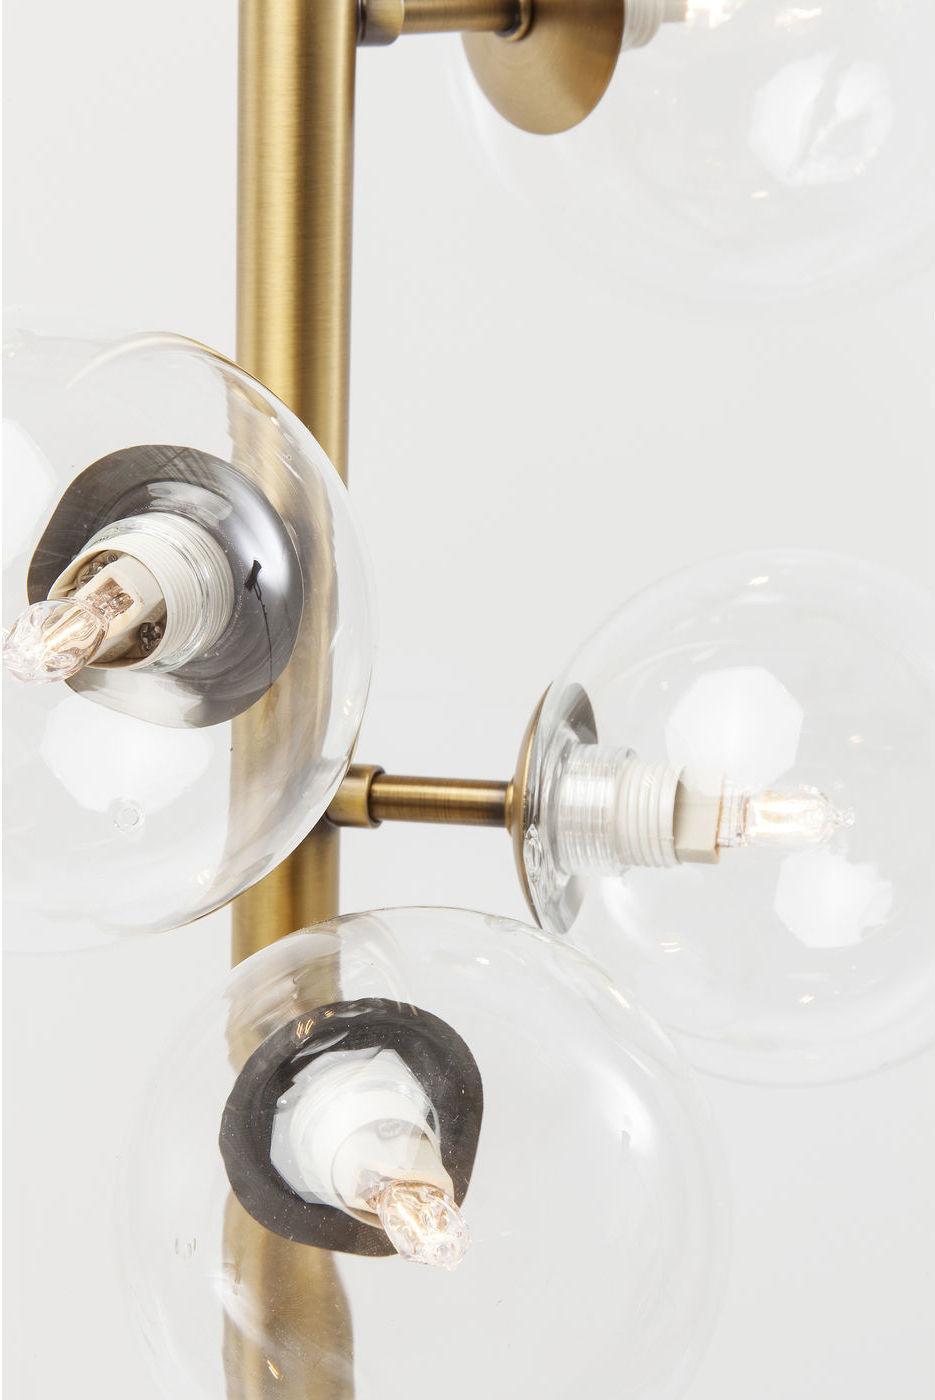 Kare Design - Vloerlamp Bello Sette - 7-lichts - H166 Cm - Messing